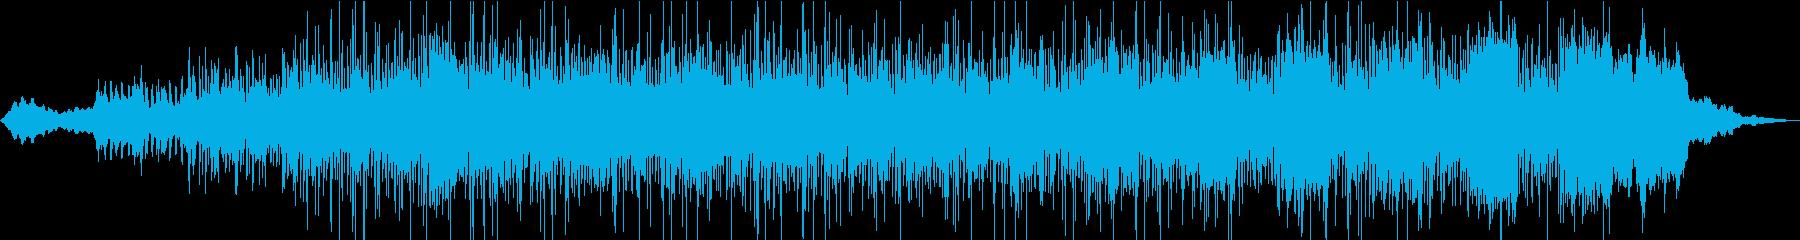 15 per 16の再生済みの波形